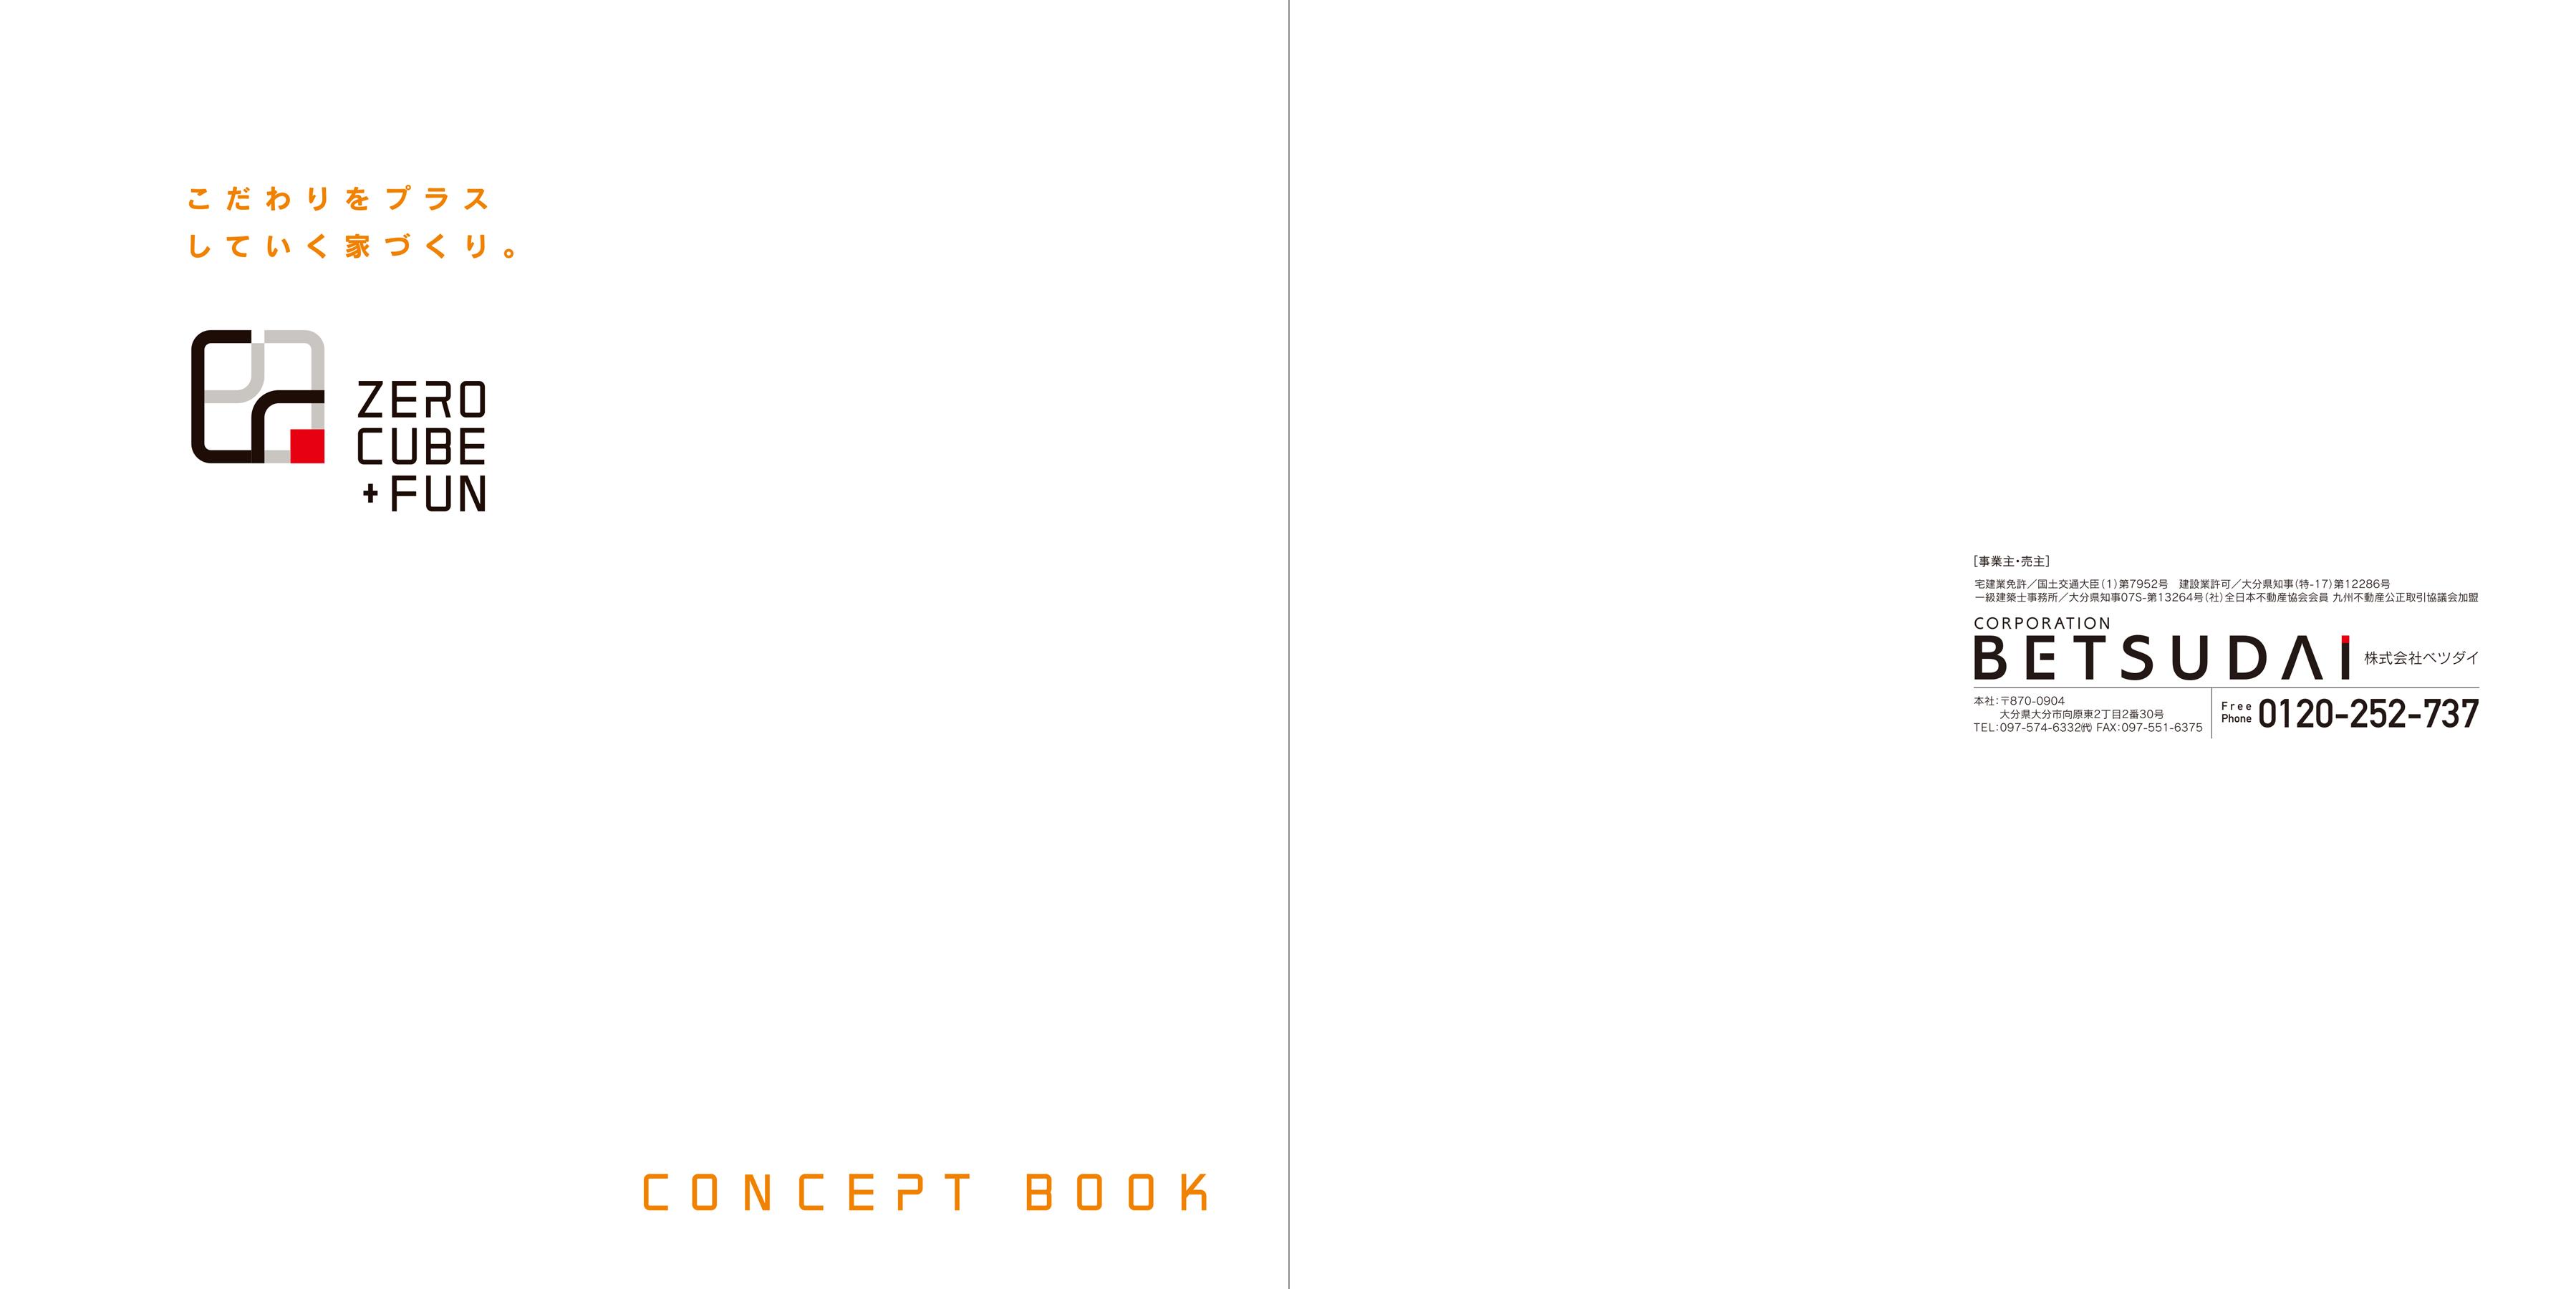 BETSUDAI ZERO CUBE + FUN CONCEPT BOOK